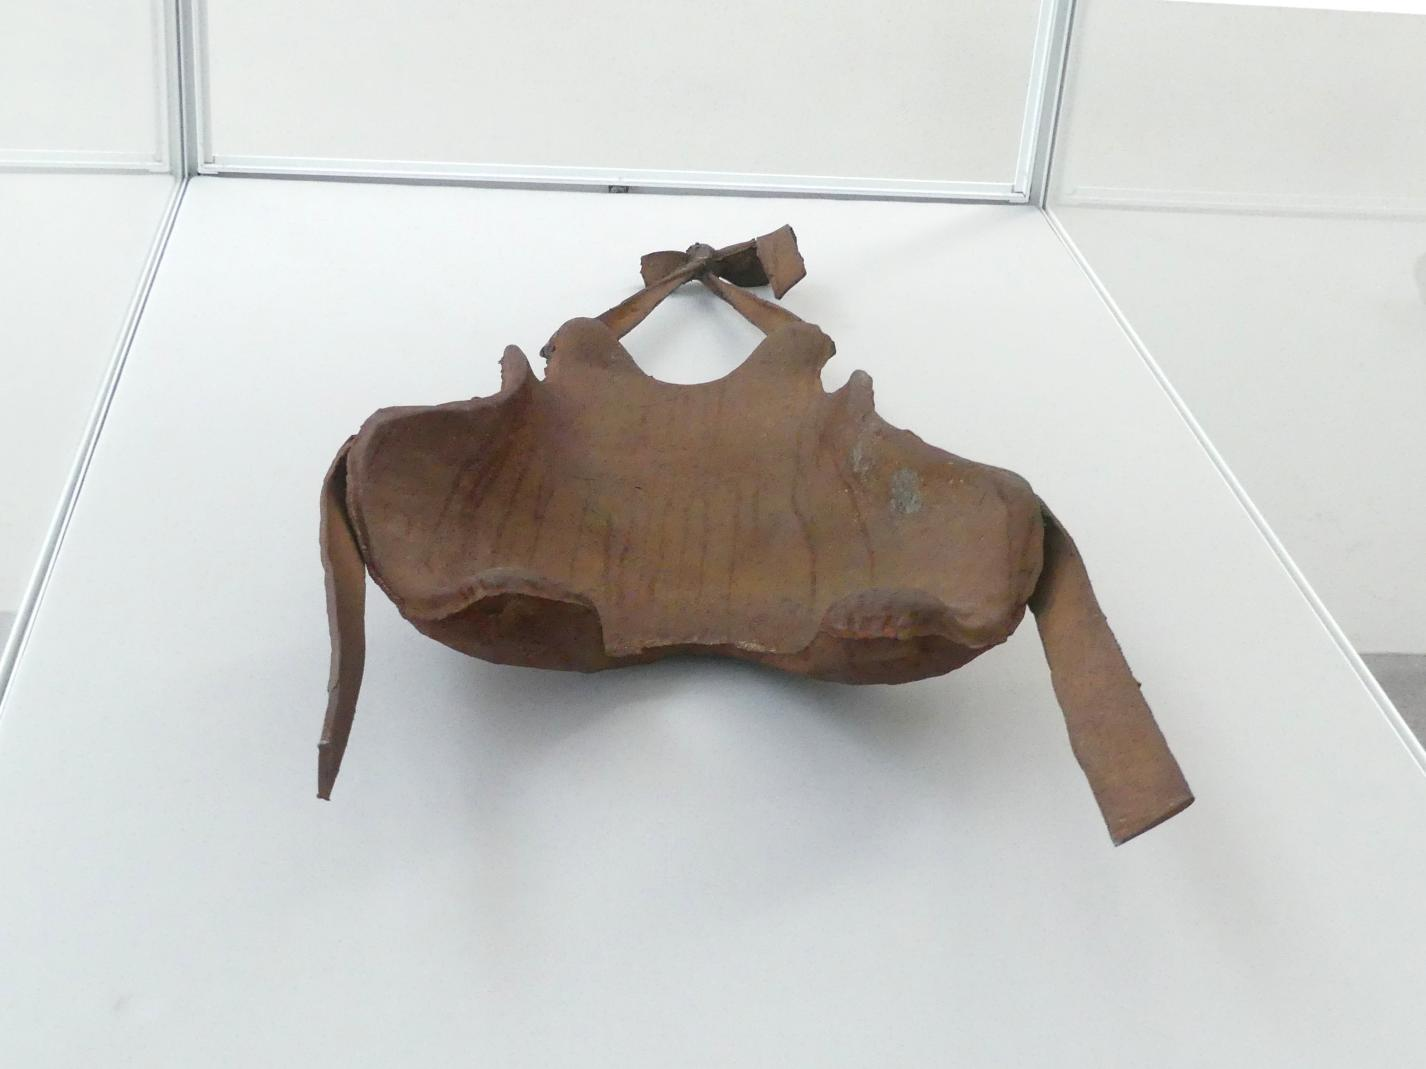 Joseph Beuys: Rückenstütze eines feingliedrigen Menschen (Hasentypus) aus dem 20. Jahrhundert p. Chr., 1972